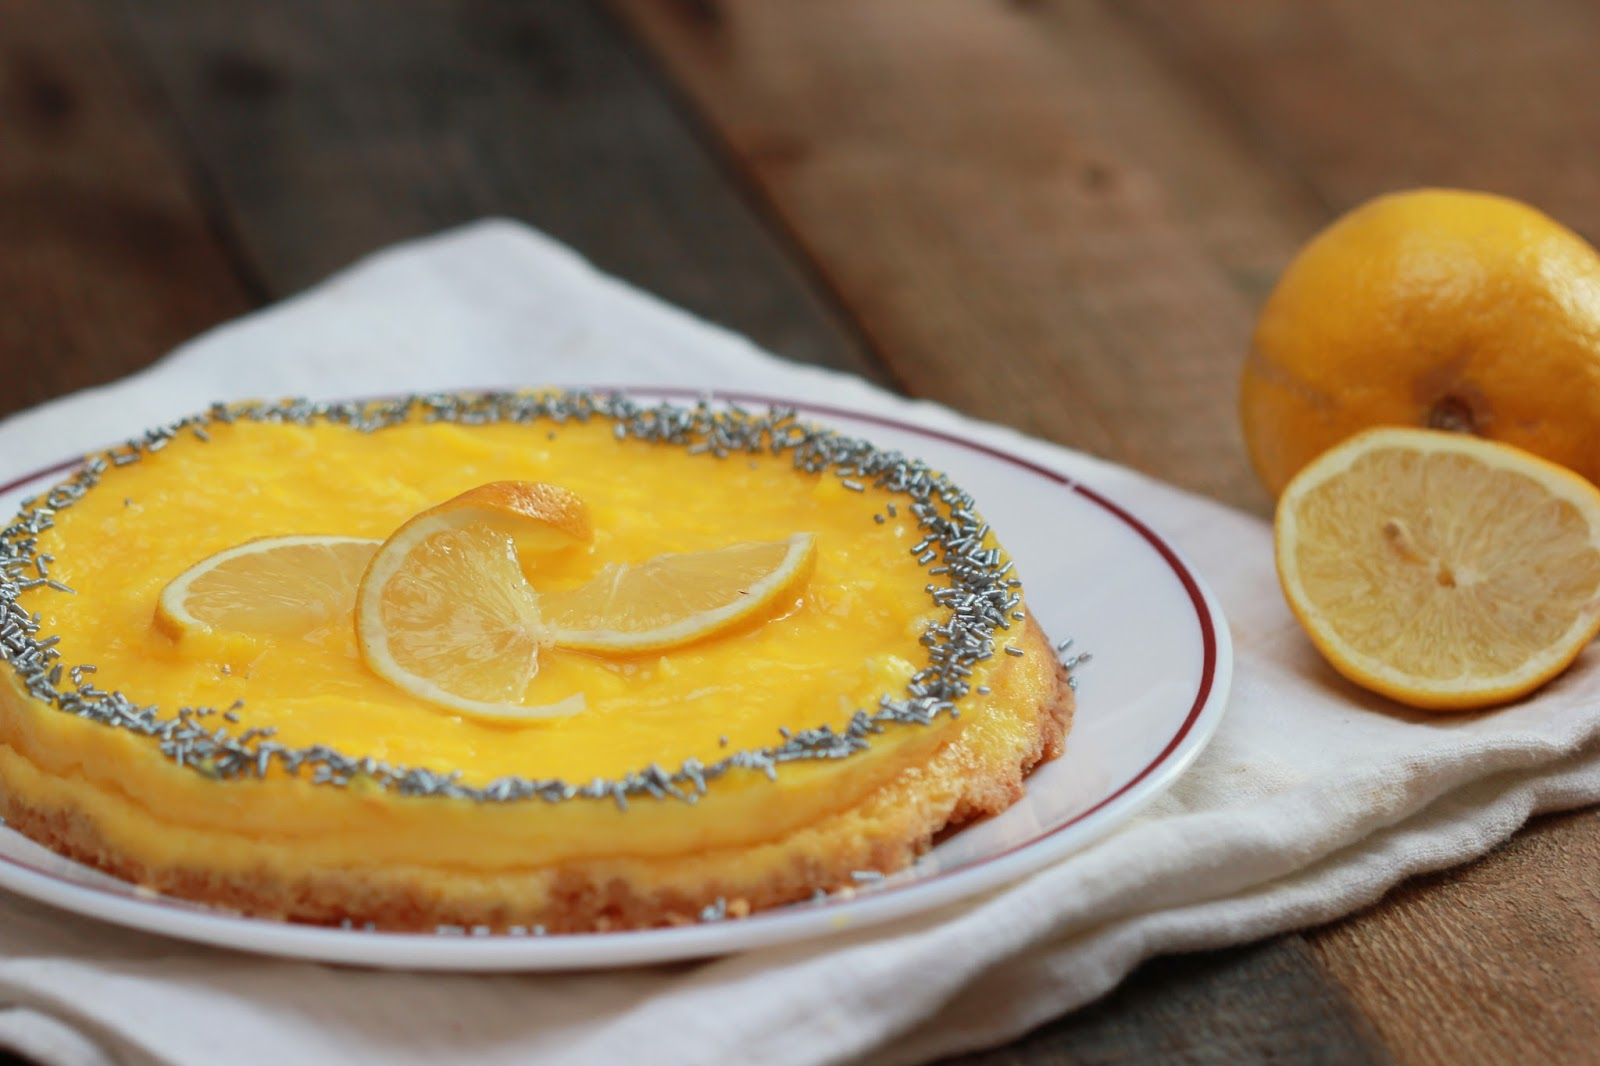 Recette du cheesecake au citron. Un mélange sucré et acidulé qui donne envie d'en reprendre vite une bouchée !